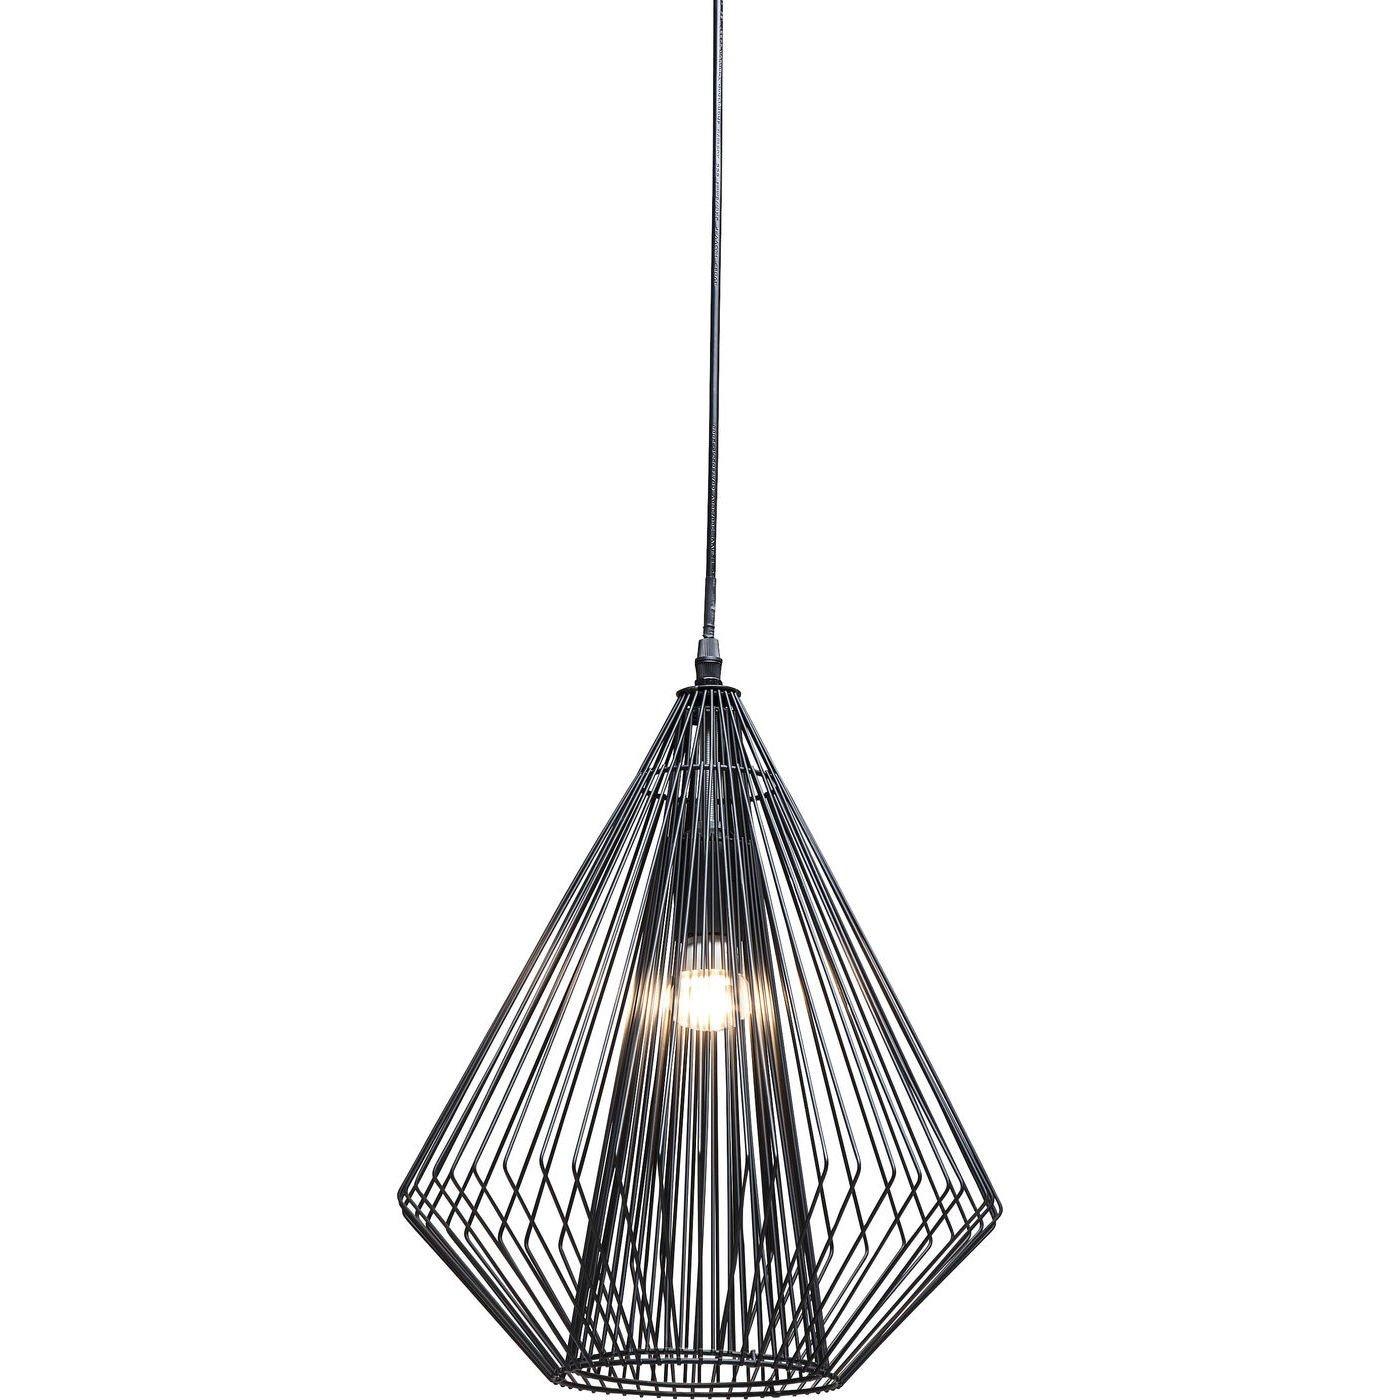 Kare Design Hängeleuchte Modo Wire, moderne, schmale Designer Pendelleuchte, geometrische Hängelampen, Stahl, Schwarz (H B T) 42,5x31,5x31,5cm